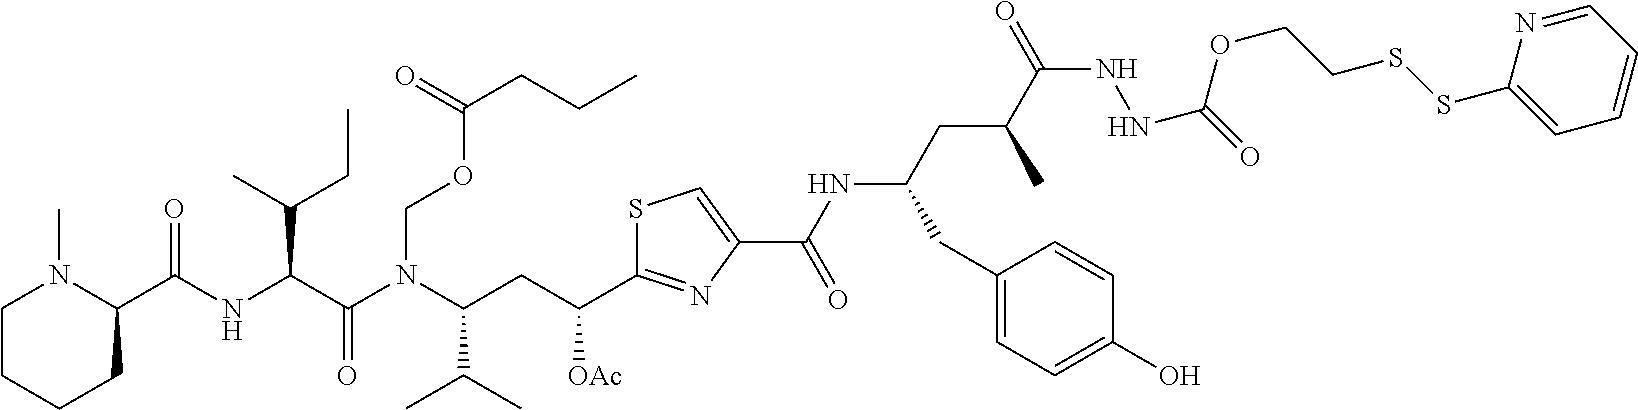 Figure US09662402-20170530-C00095